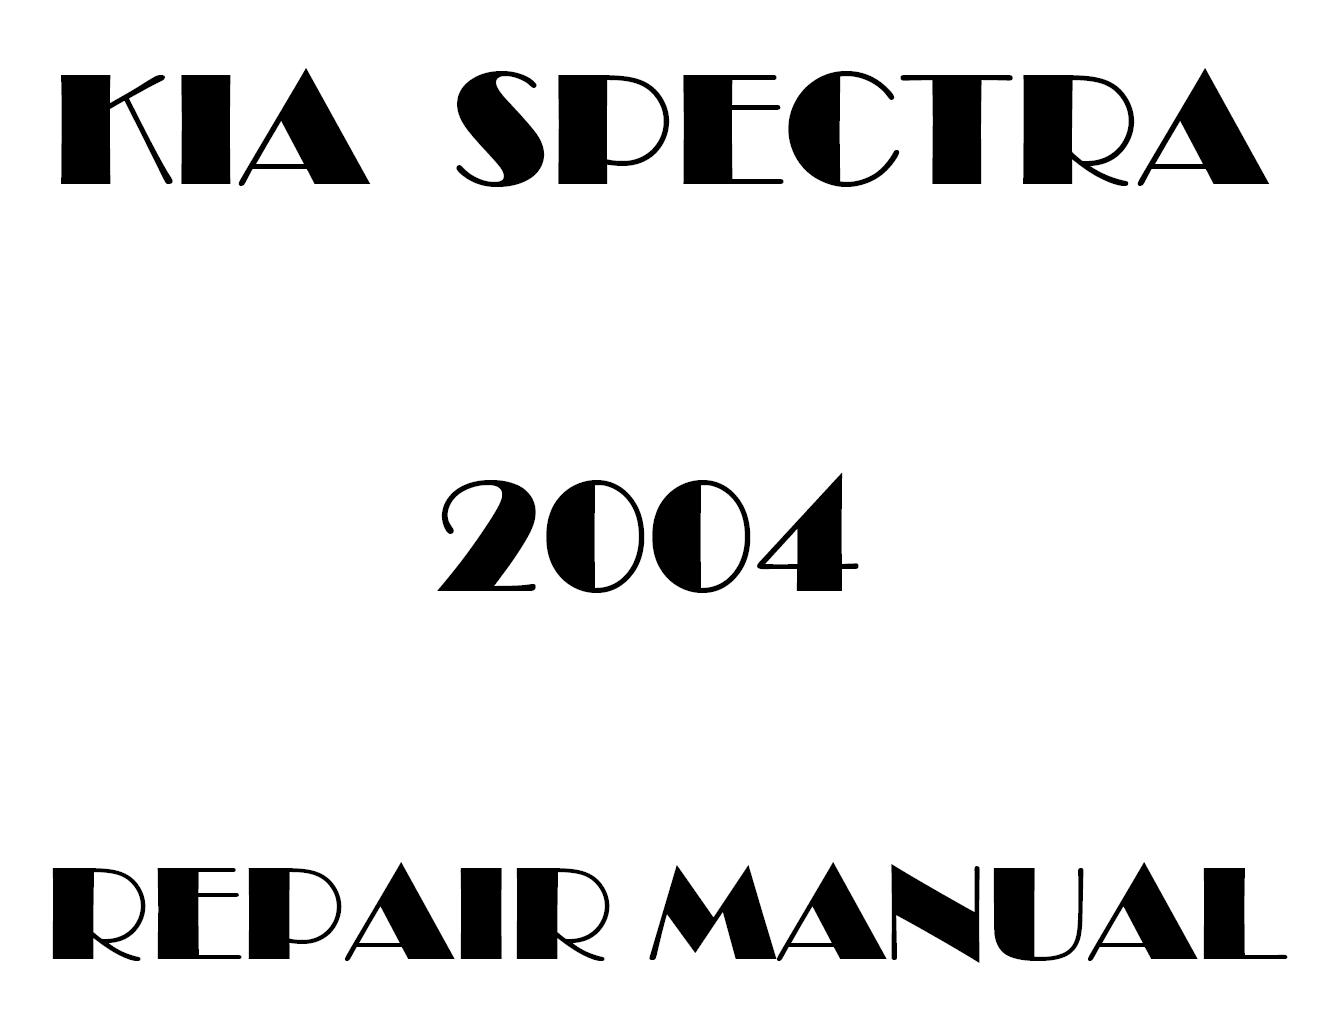 2004 Kia Spectra repair manual